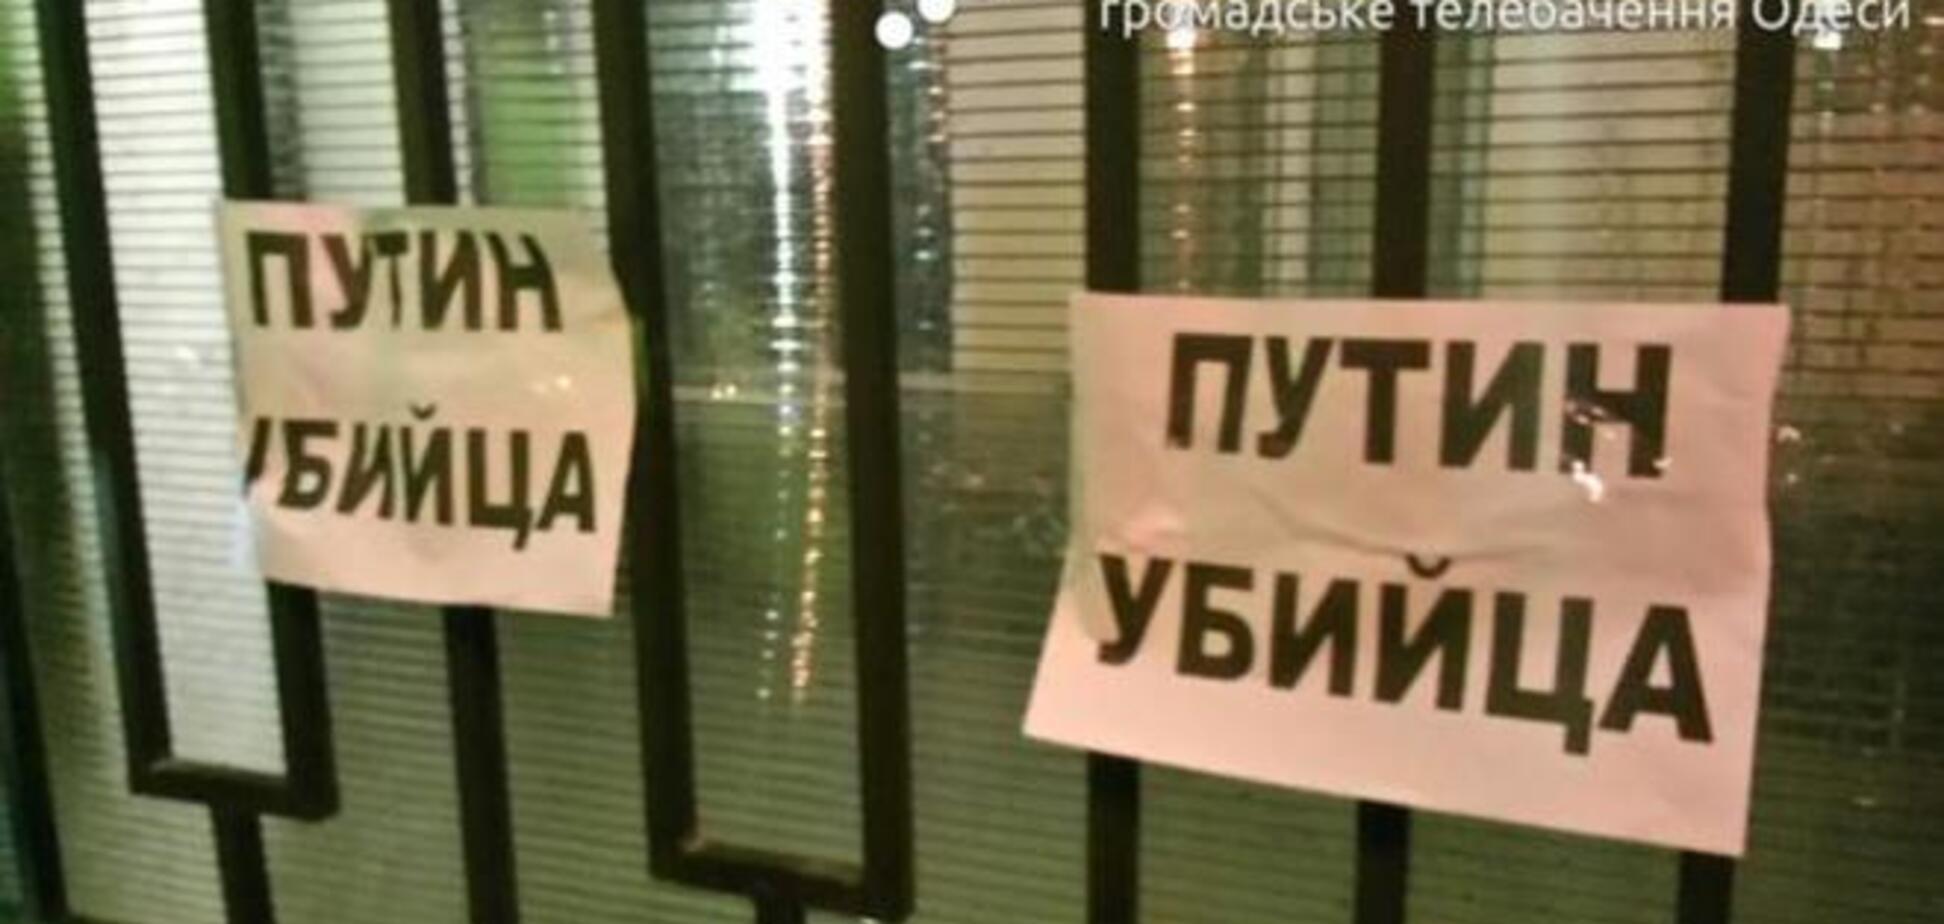 'Путин — убийца': возмущенные одесситы устроили акцию под консульством России